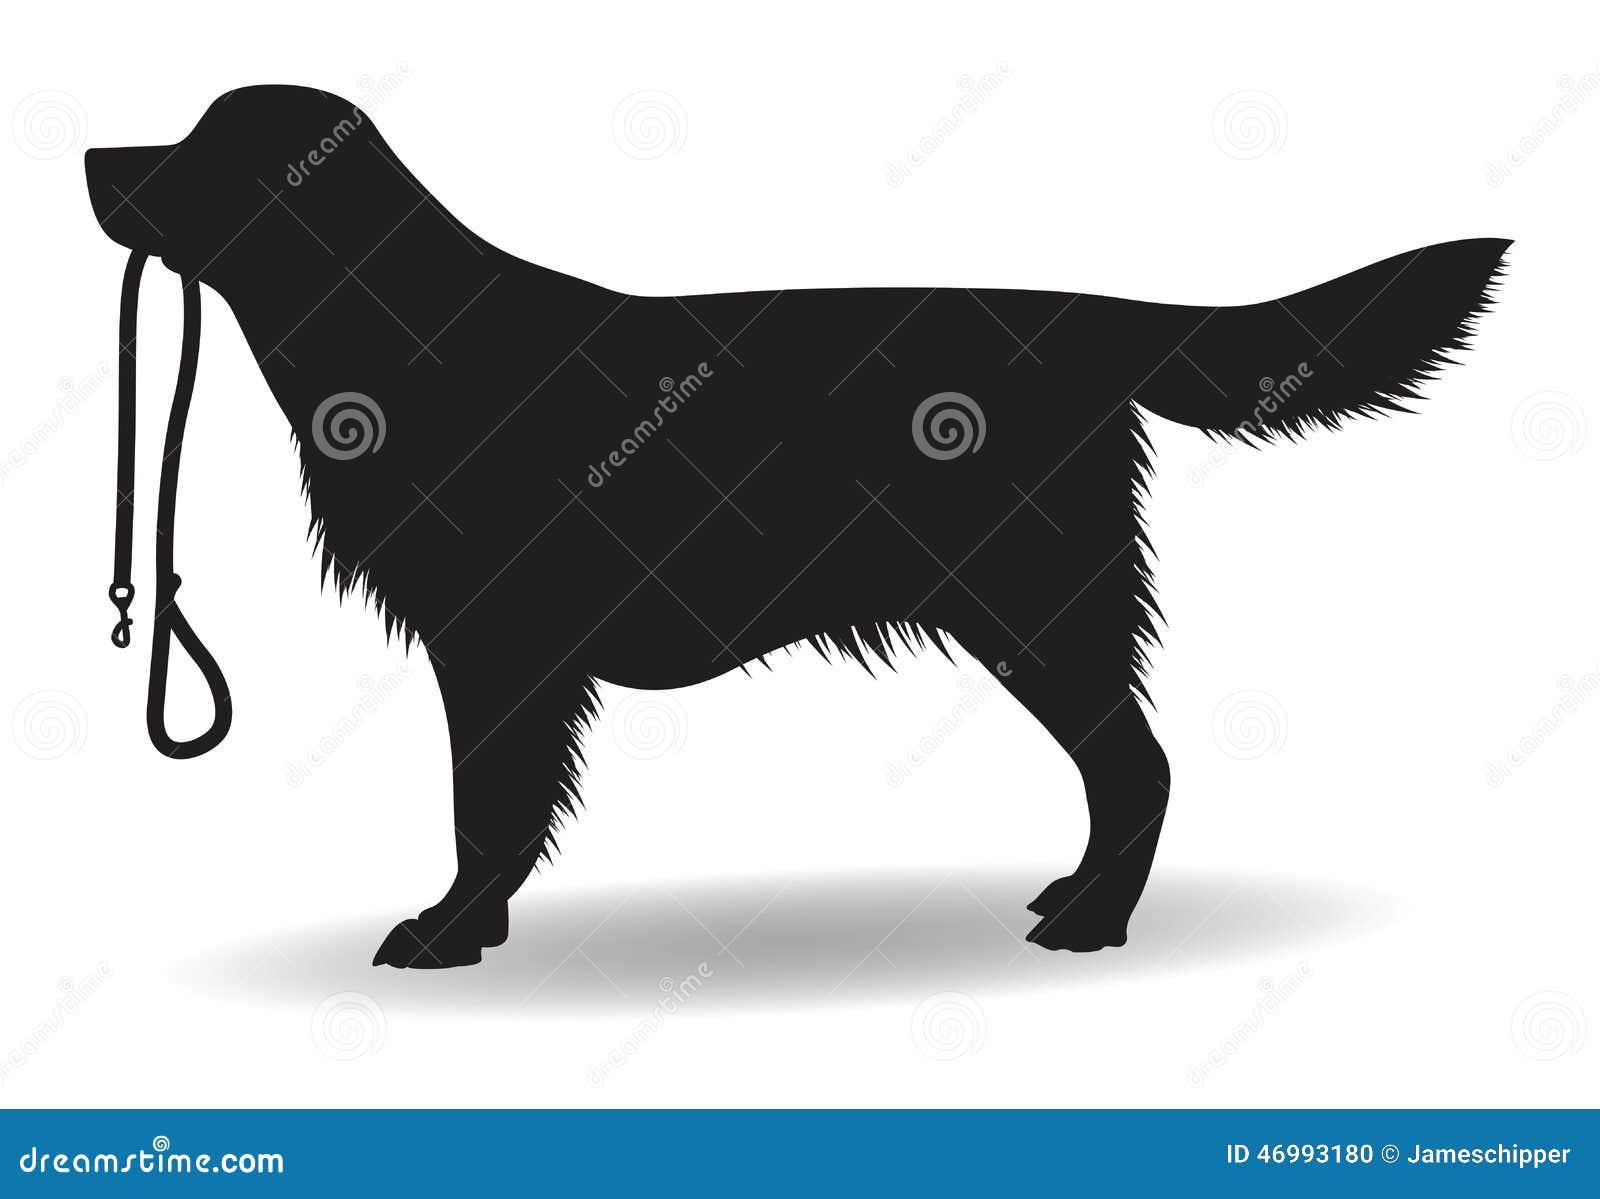 Big W Dog Lead